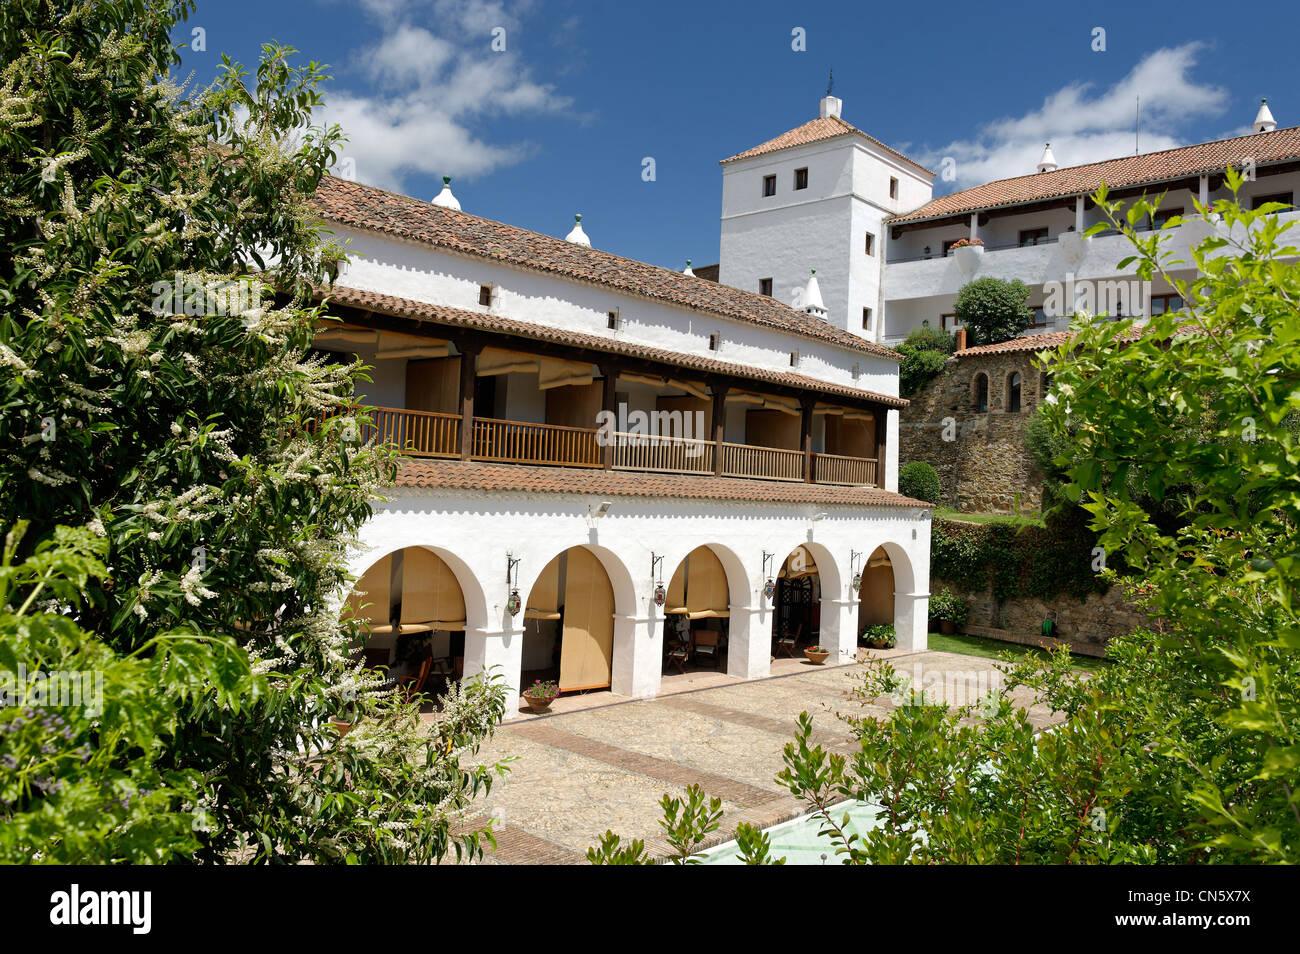 Spanien, Extremadura, Guadalupe, Parador für Tourismus, der ehemalige Palast des Marquis De La Romana Écouter Stockbild